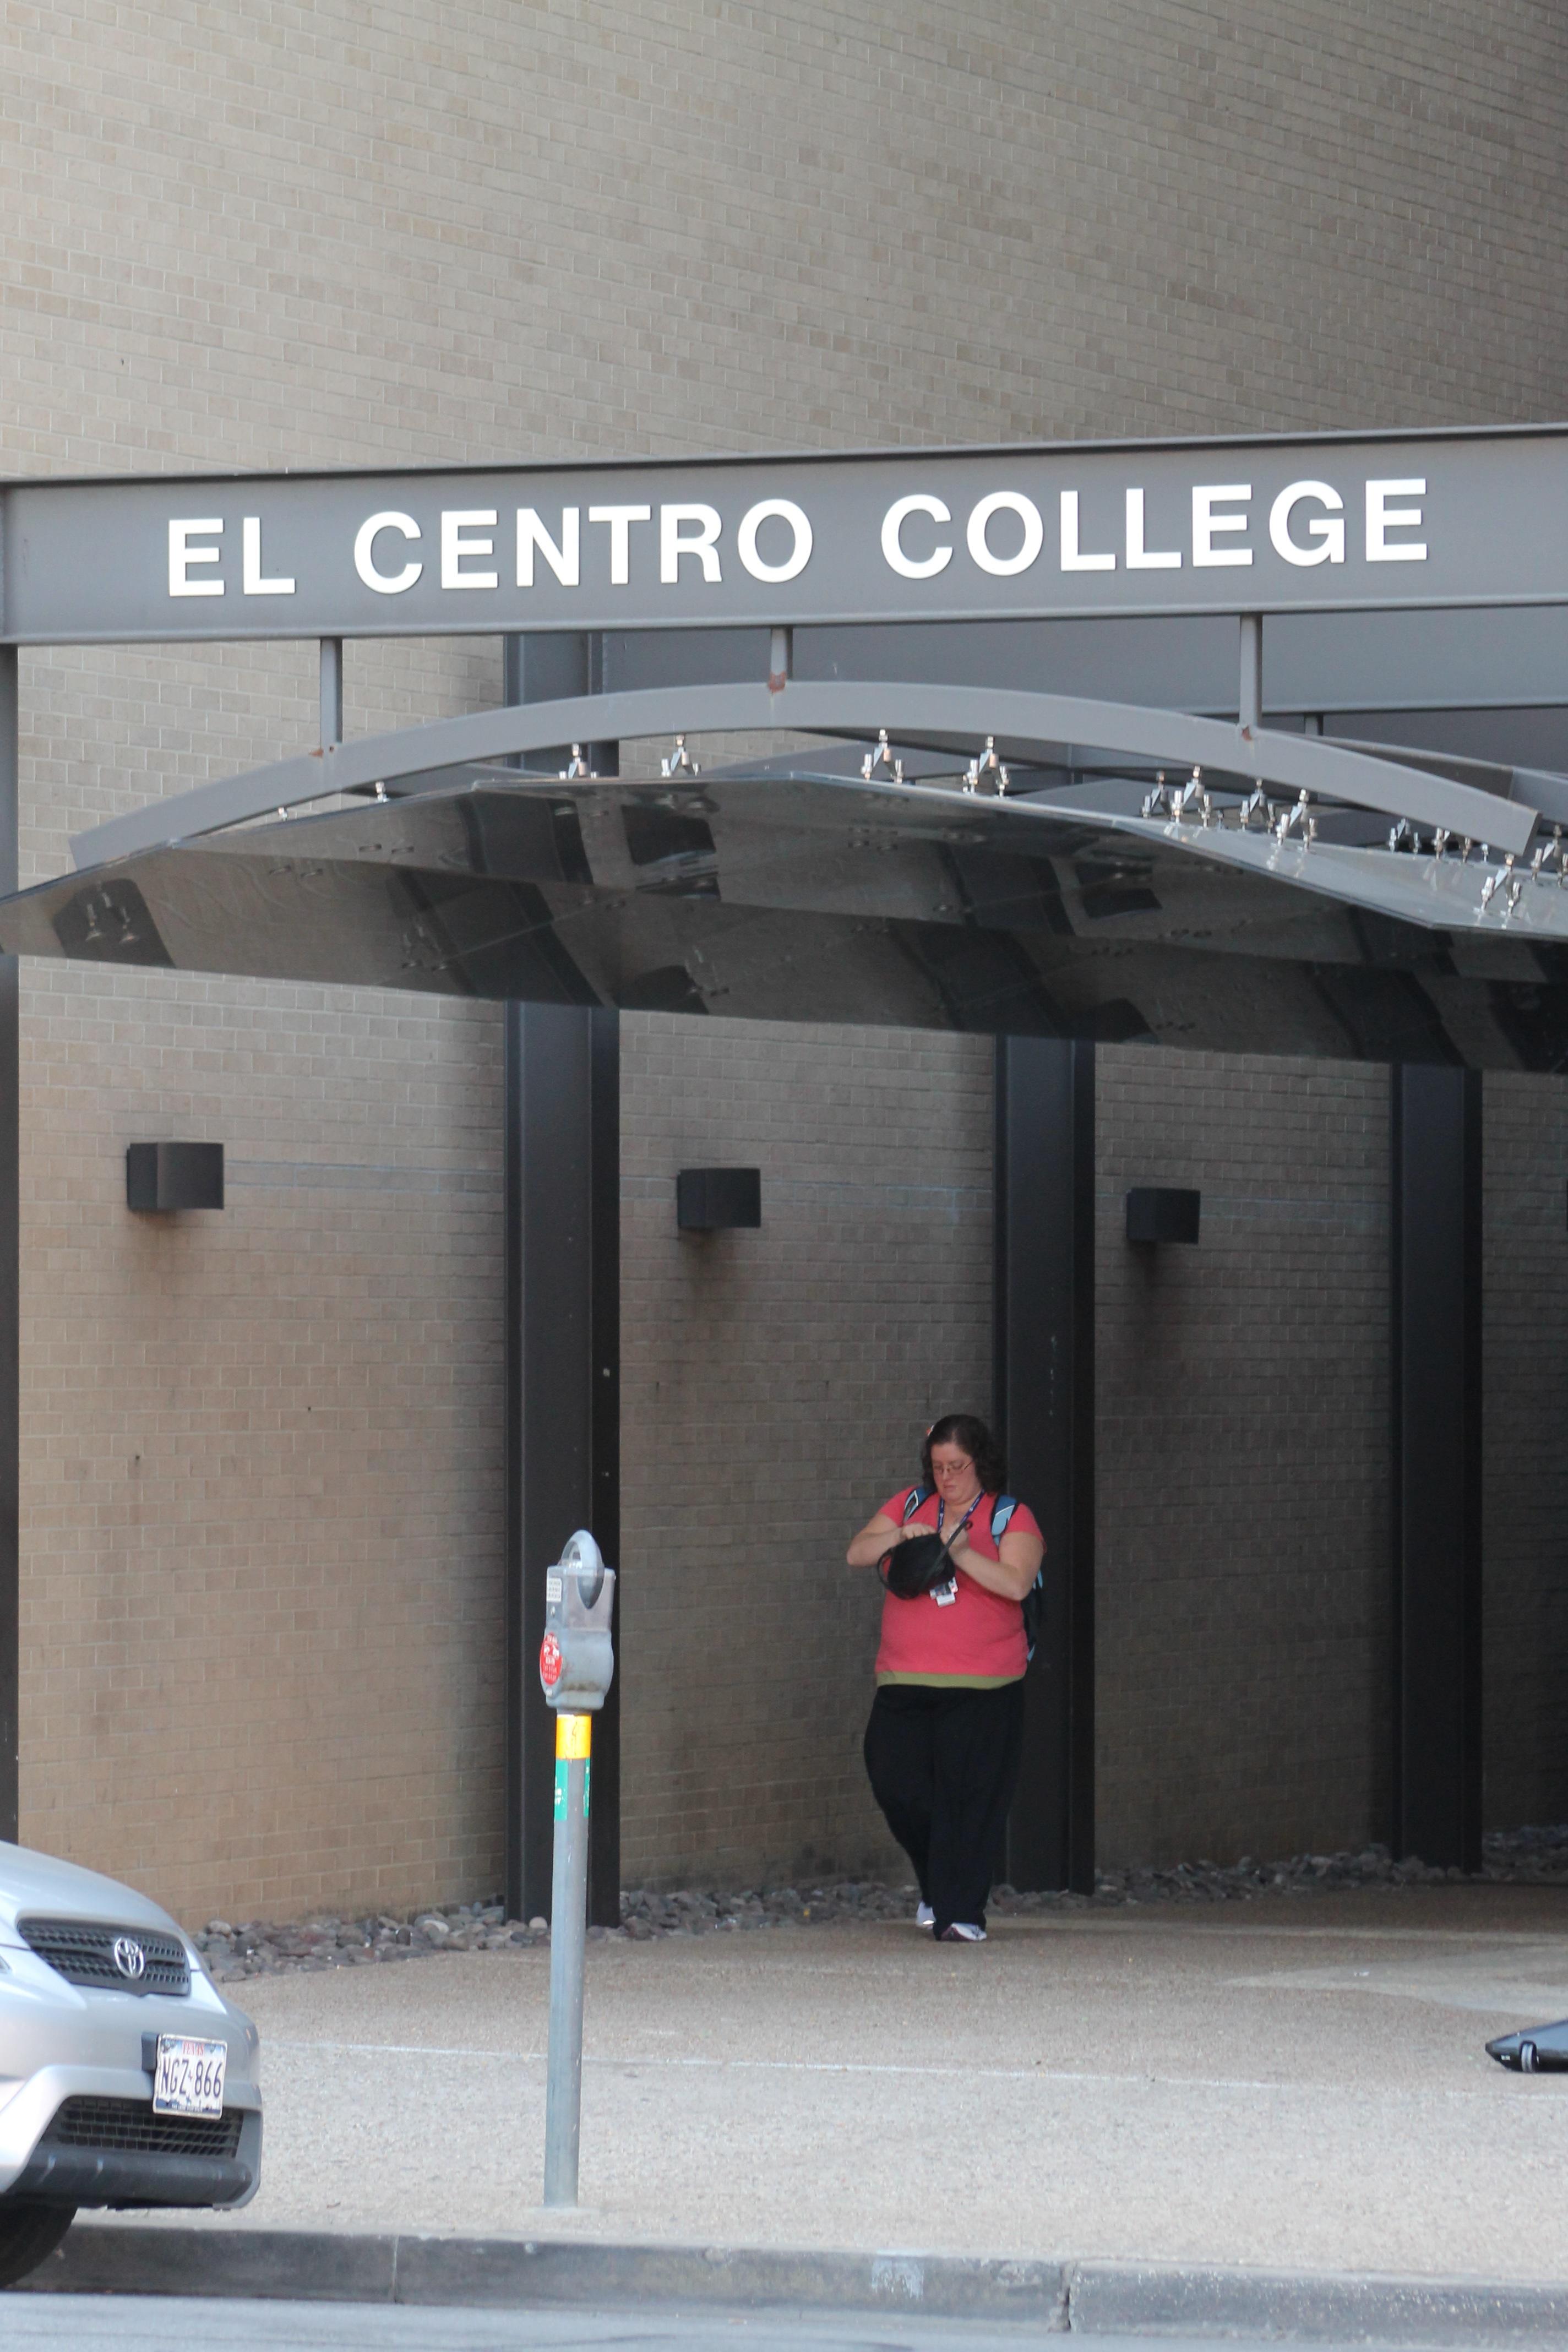 centro college El